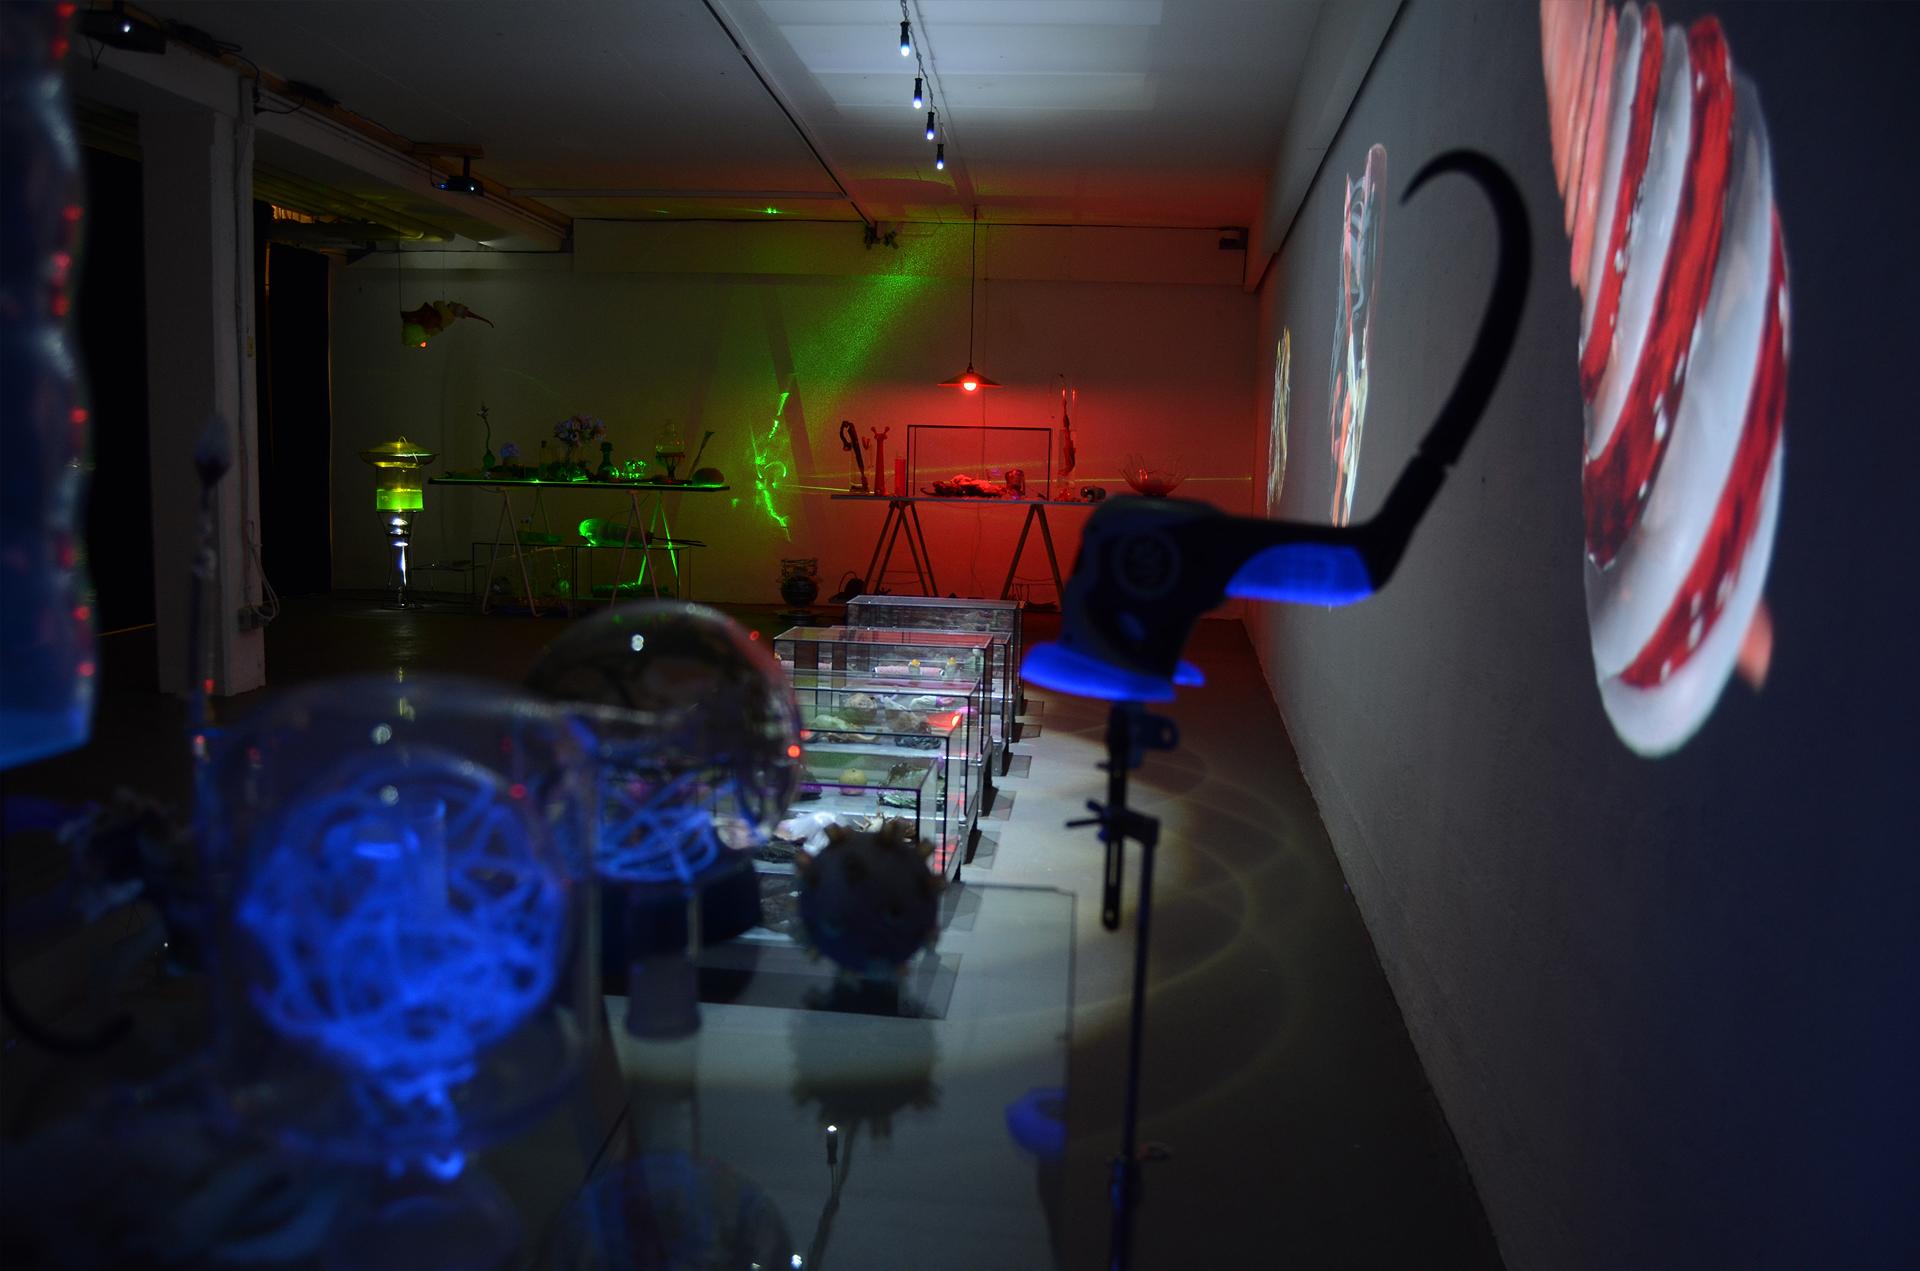 Ausstellungsansicht der Installation Transnature von Stefan Zoellner im Saarländischen Künstlerhaus | Raumansicht